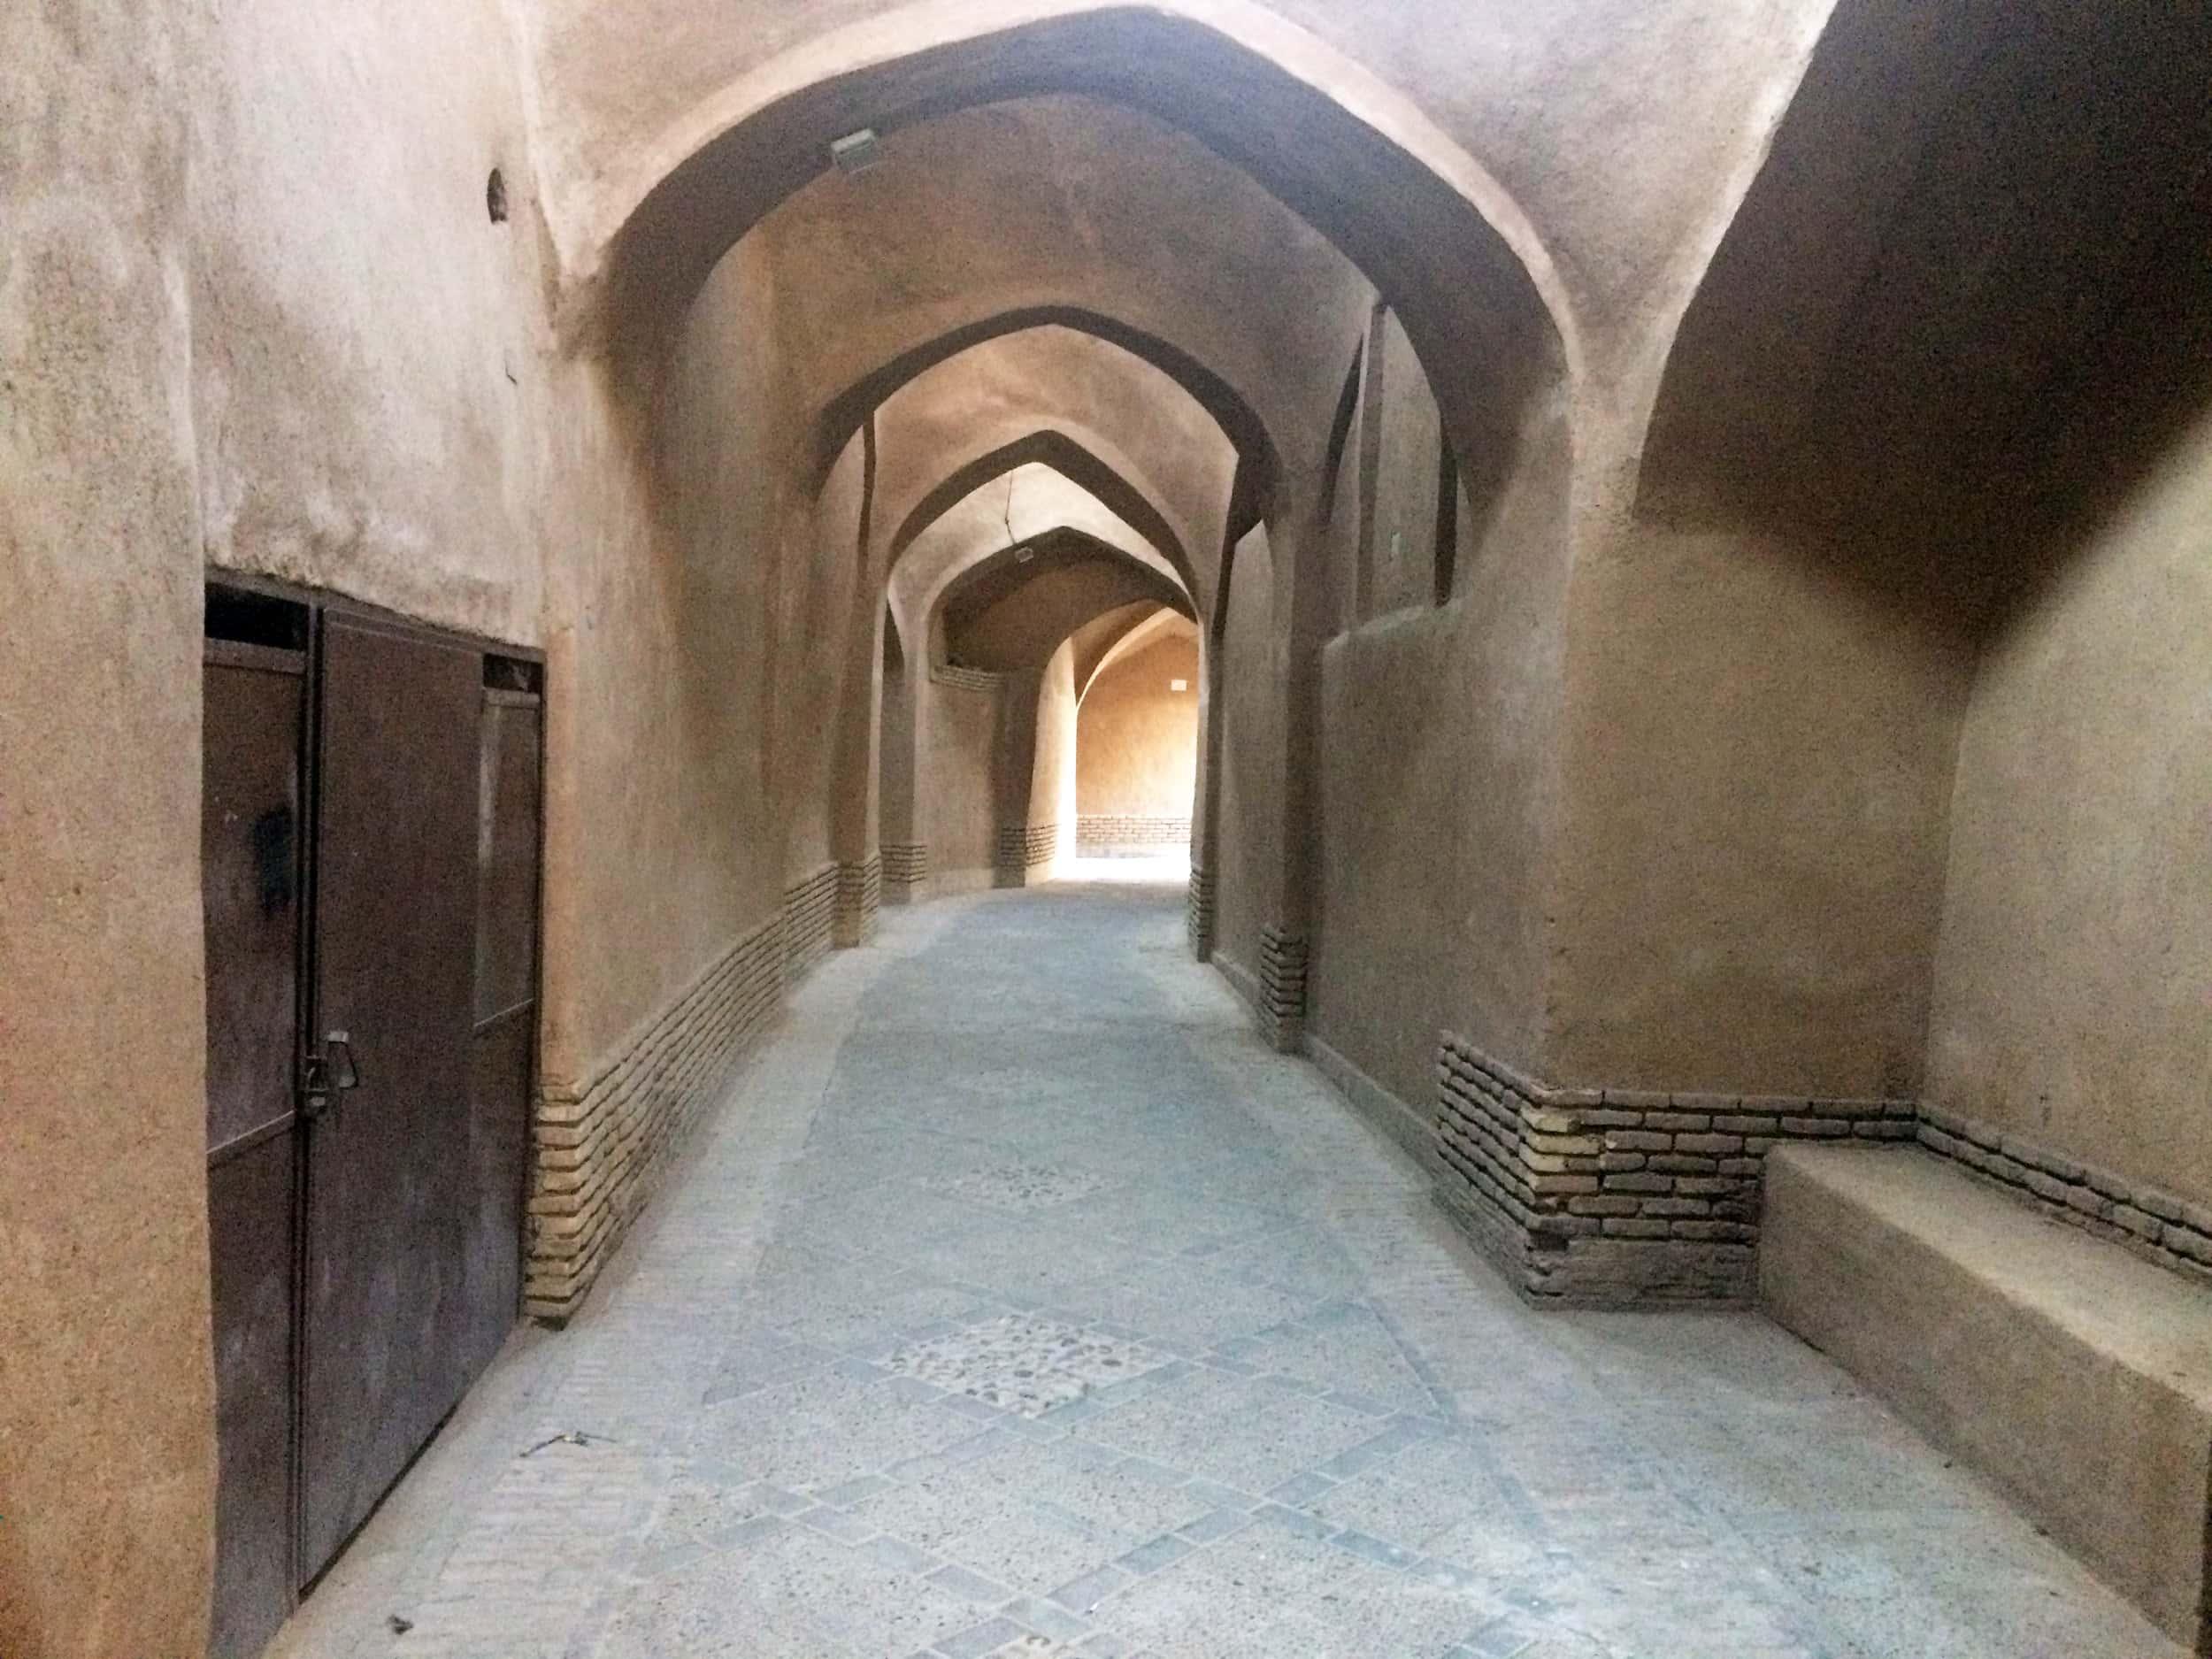 Язд. Тунелі з витворами мистецтва. Фото 2